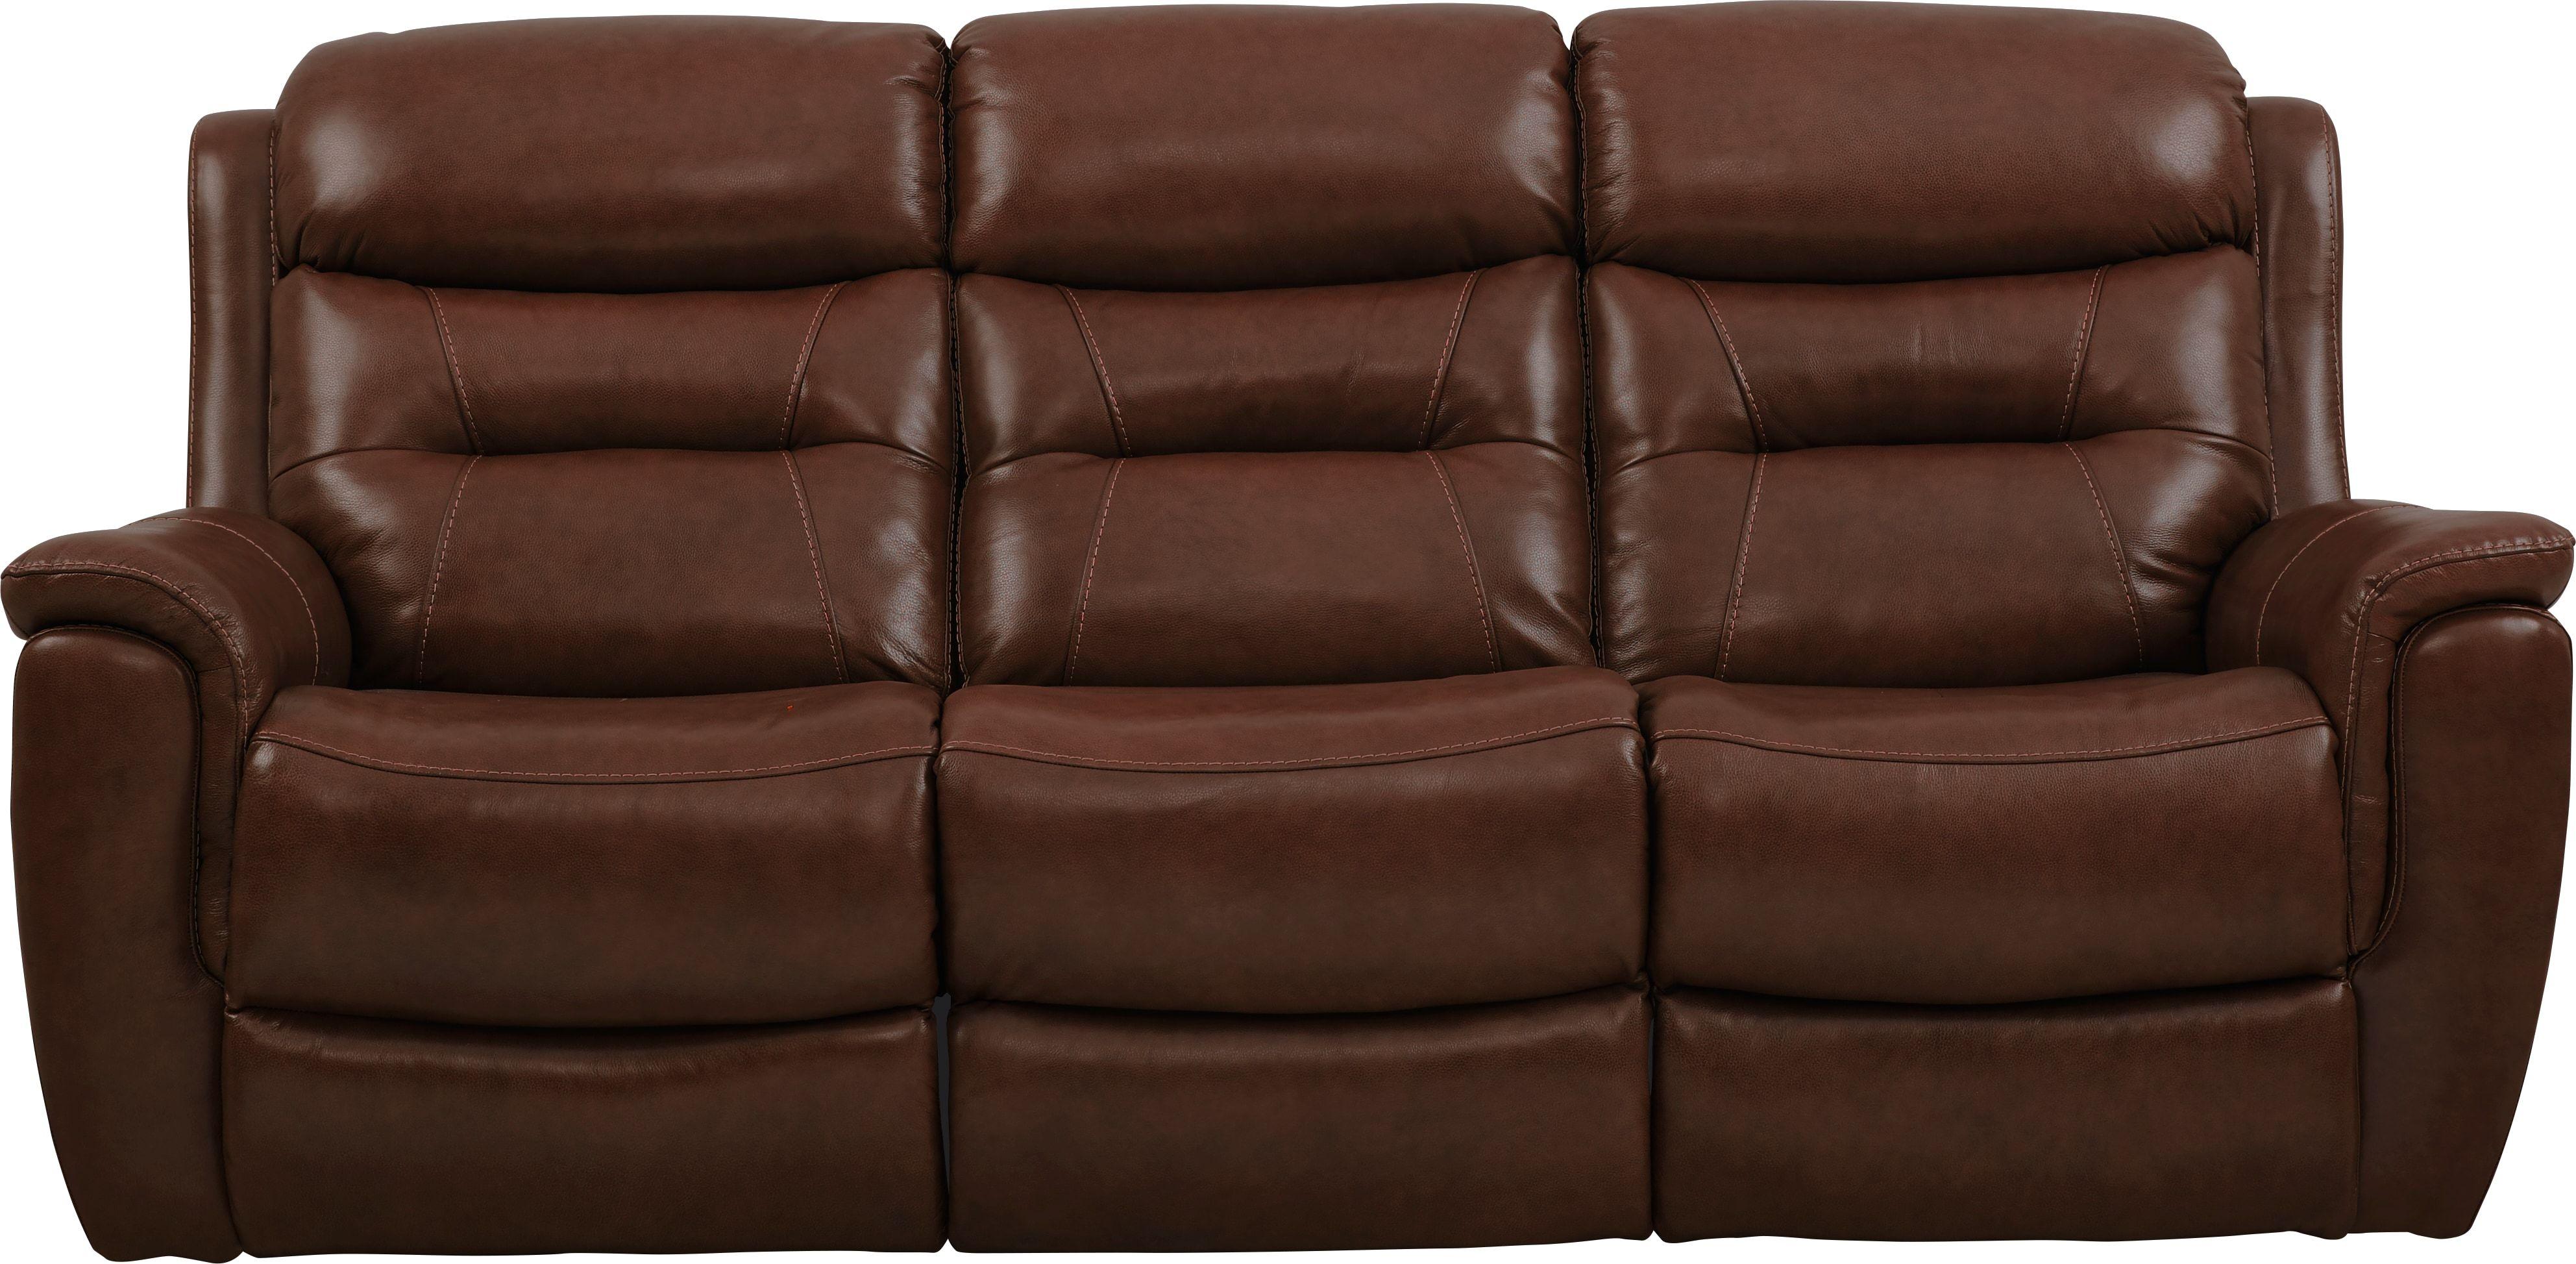 Sabella Walnut Leather Power Reclining Sofa Power Reclining Sofa Reclining Sofa Power Recliners